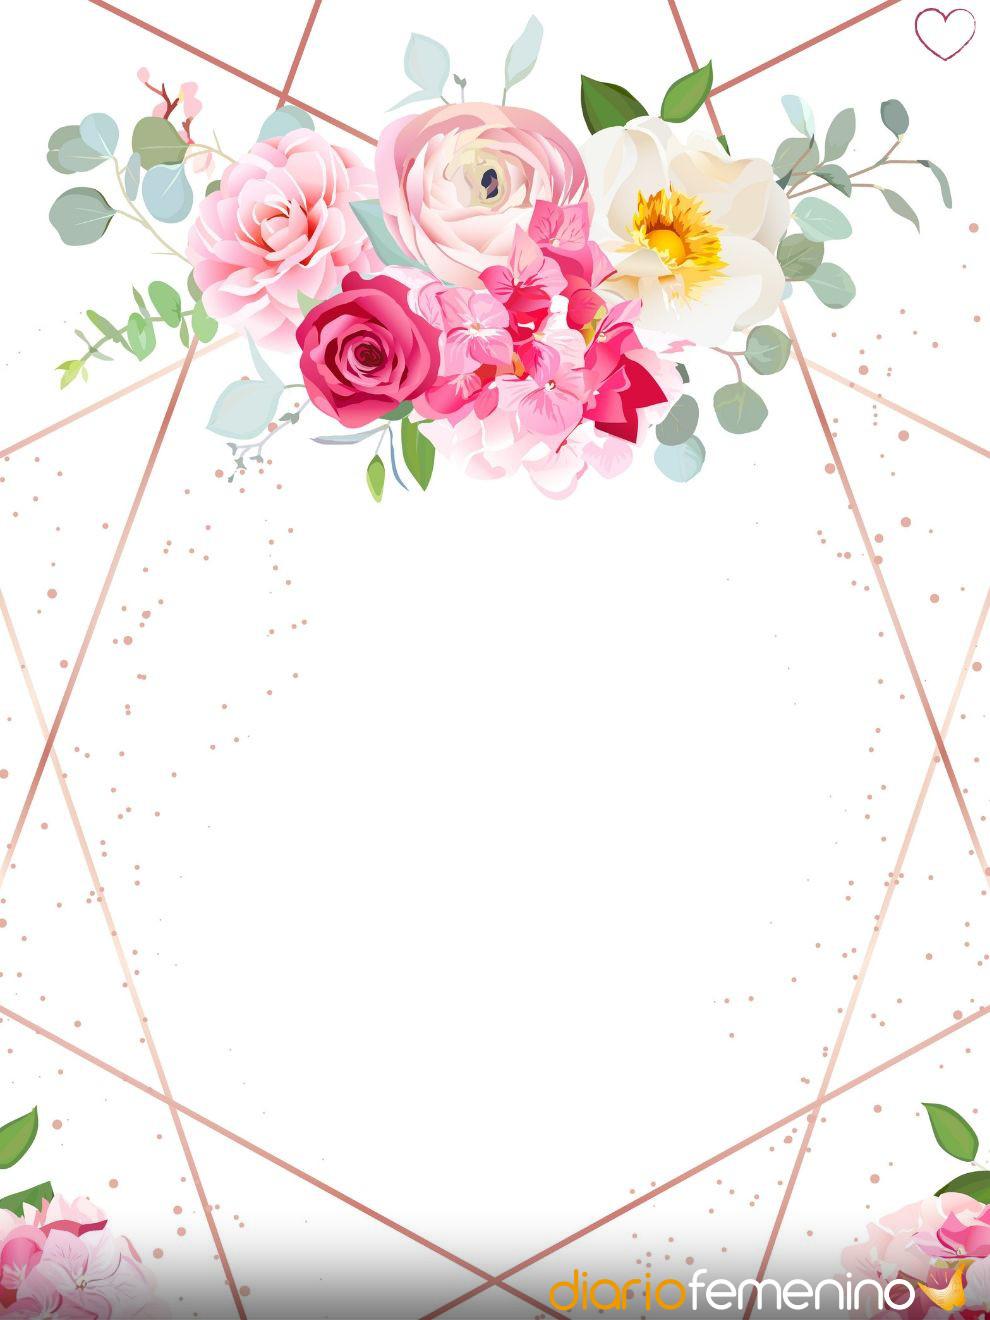 Carta de amor con rosa incluida: díselo con una flor